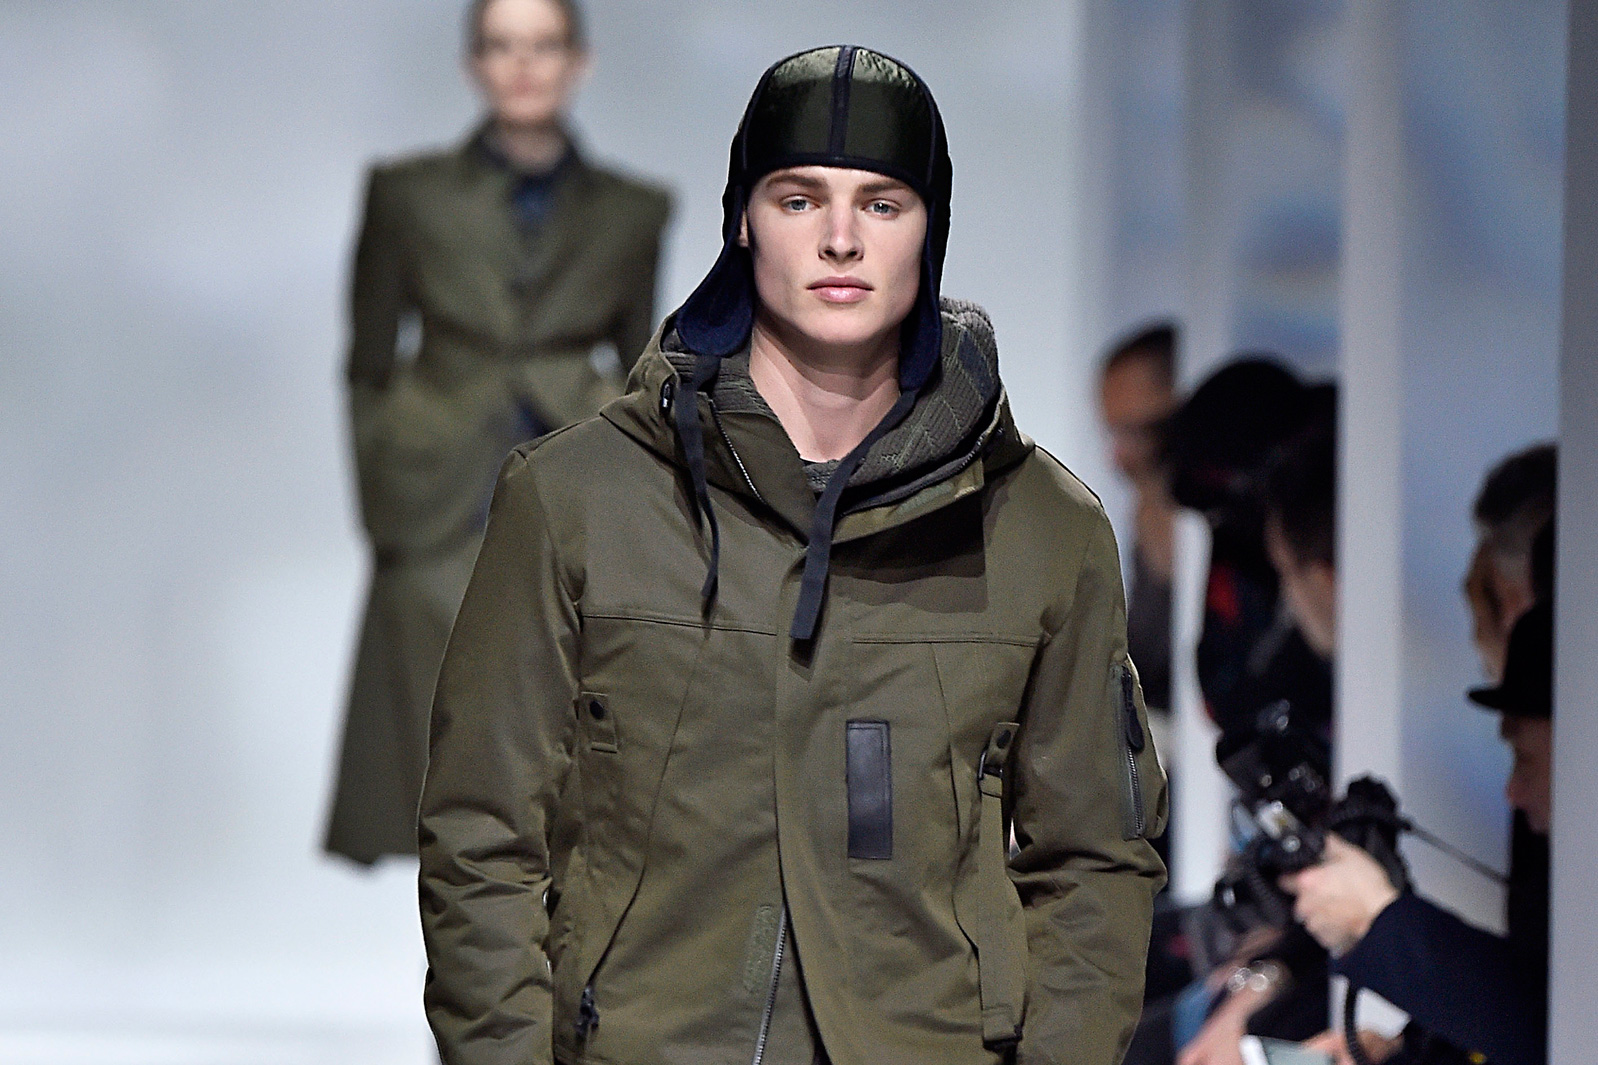 Tendencia-militar-streetstyle-masculino-moda-para-homens